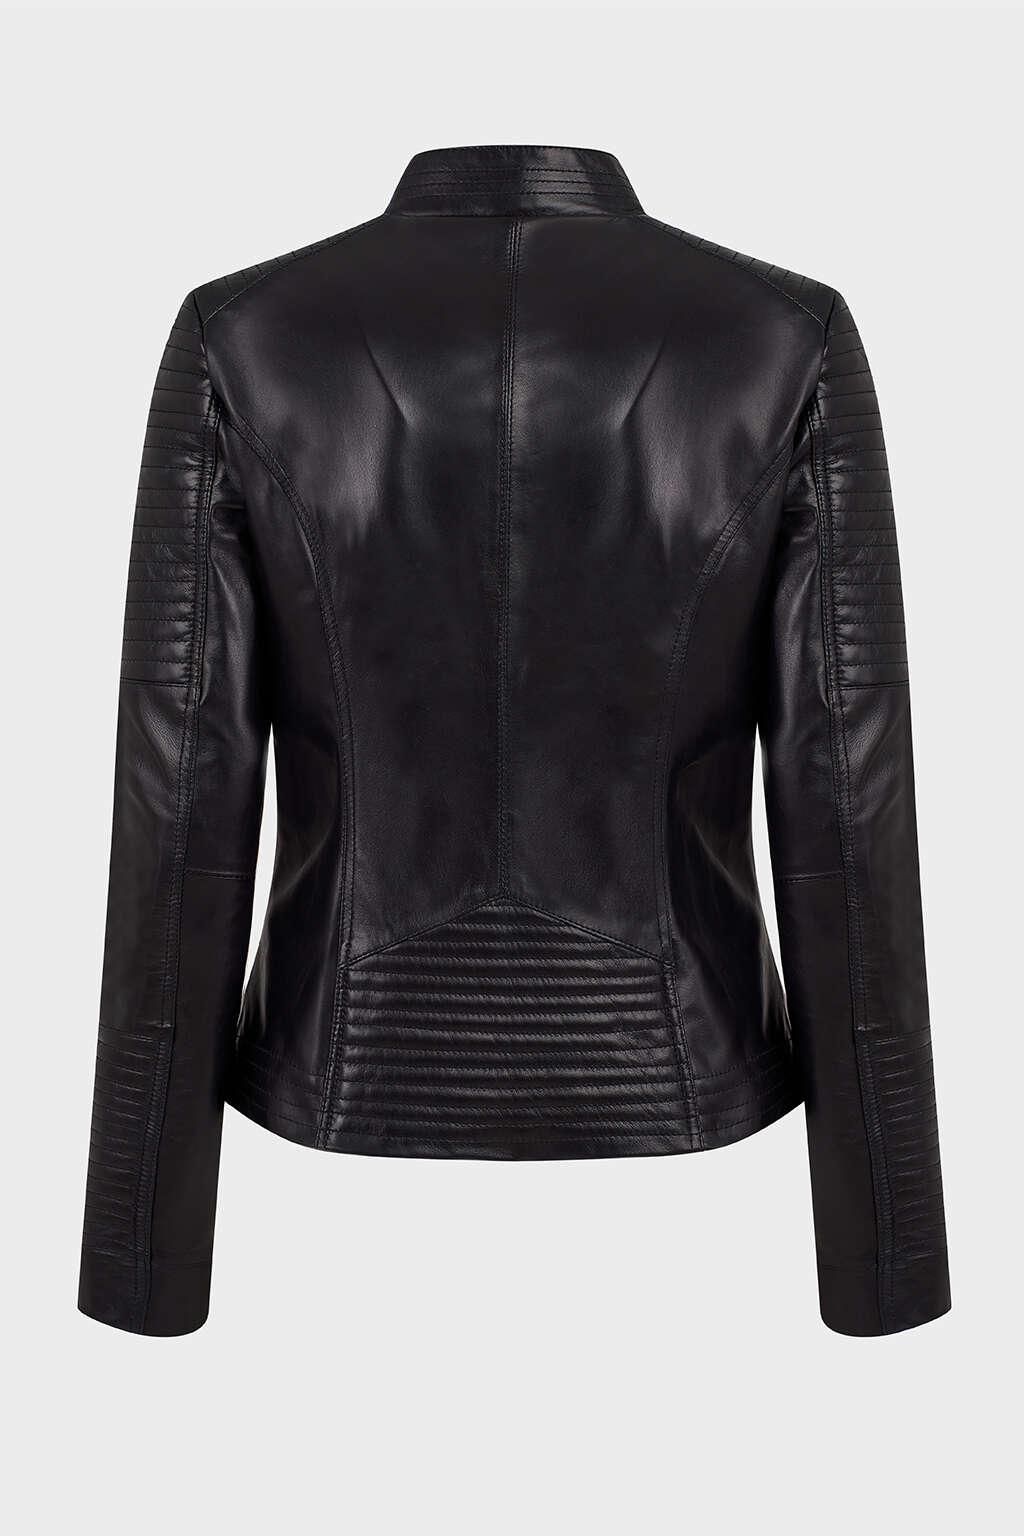 Back of Jet Black Ribbed Biker Leather Jacket